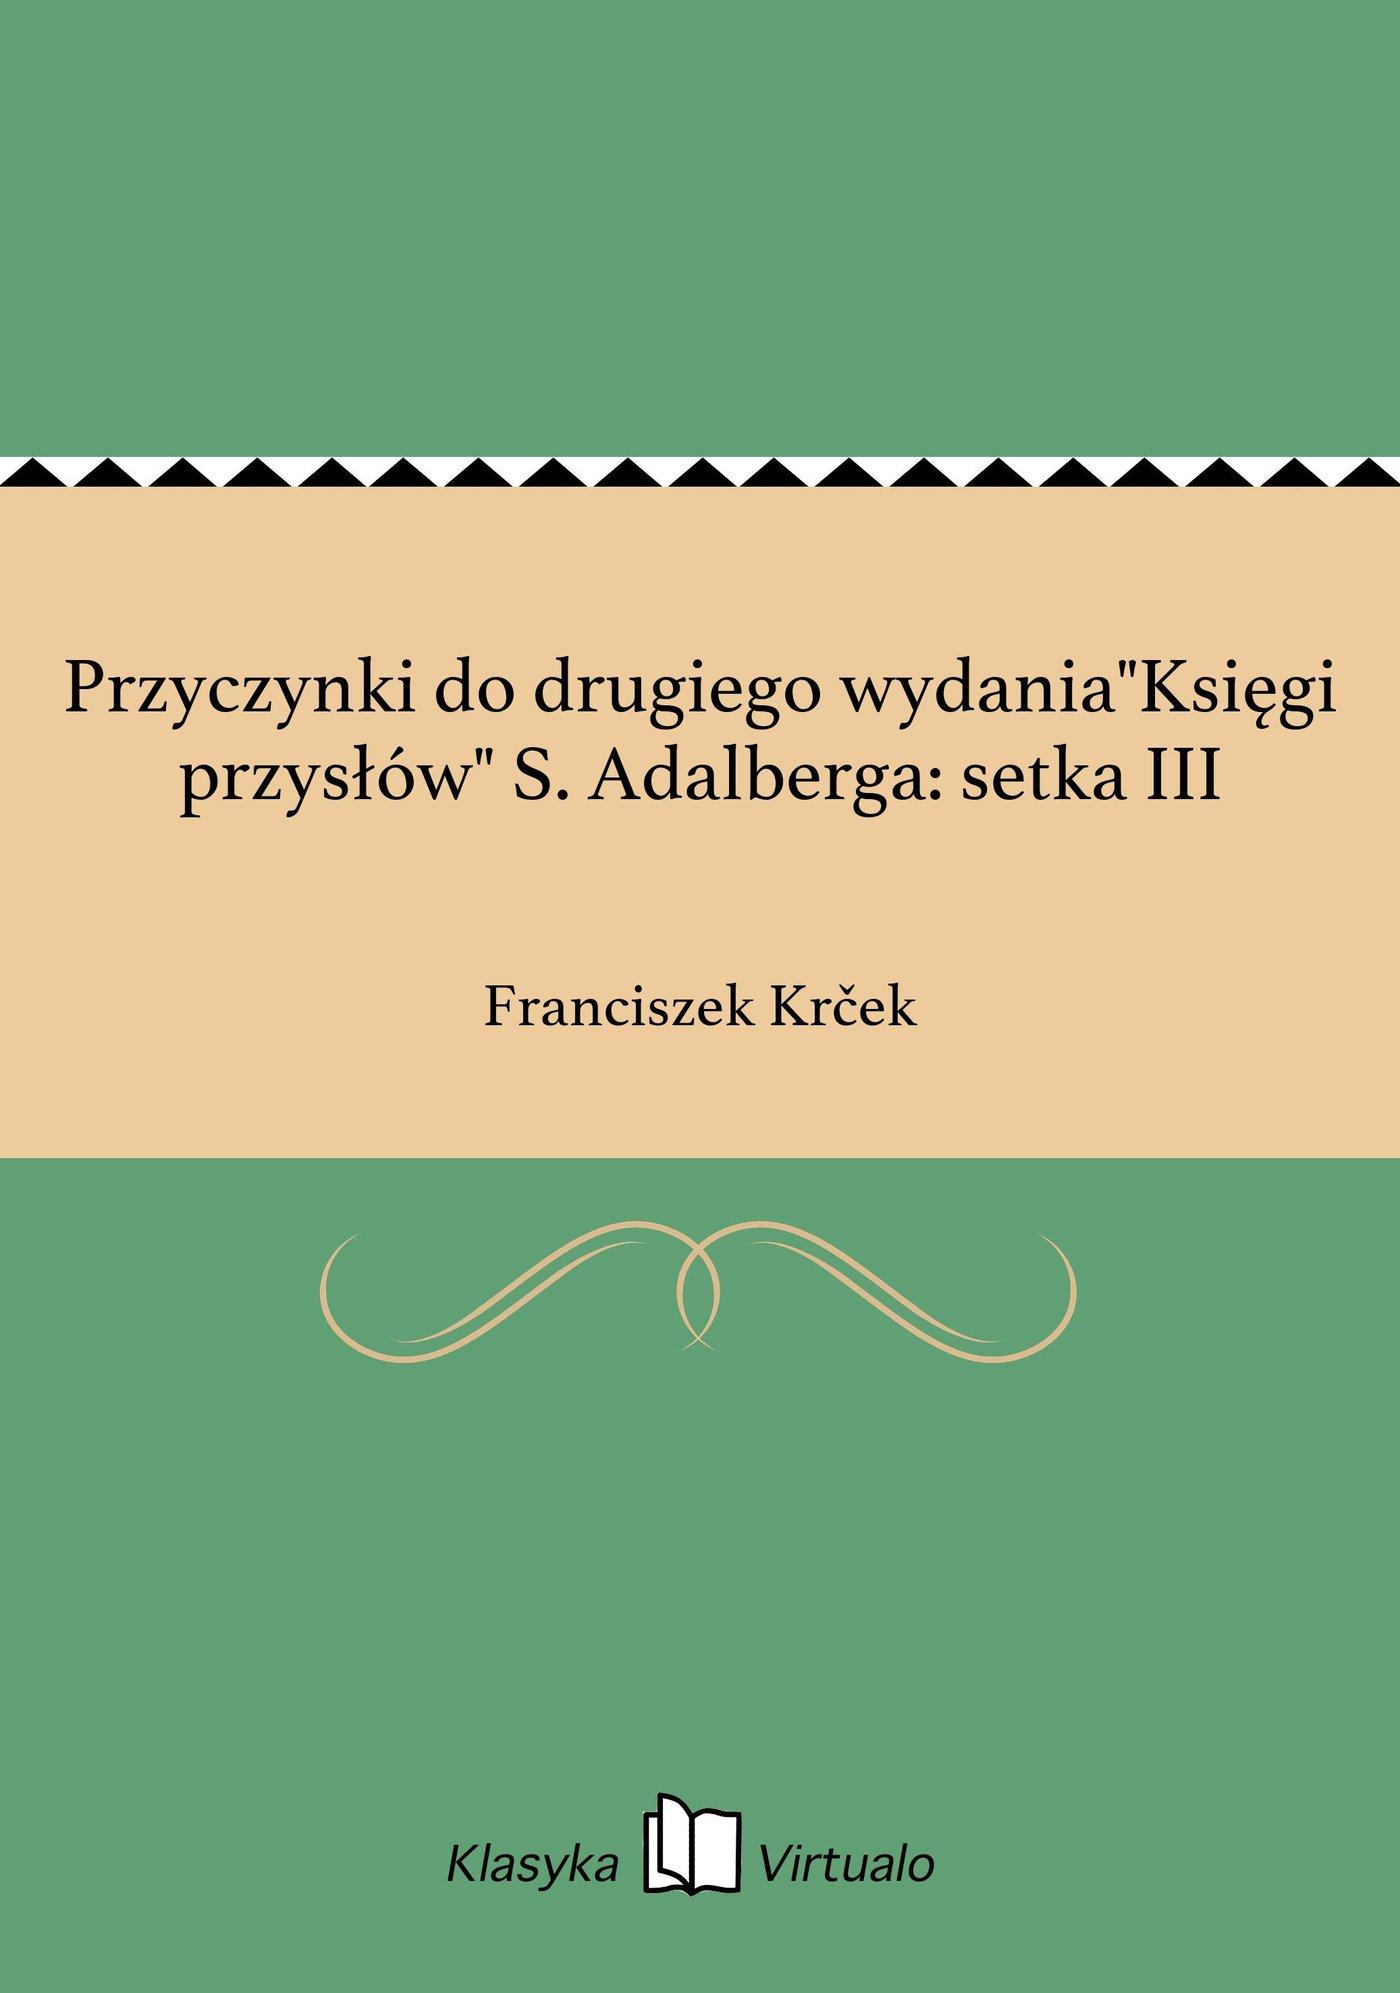 """Przyczynki do drugiego wydania""""Księgi przysłów"""" S. Adalberga: setka III - Ebook (Książka EPUB) do pobrania w formacie EPUB"""